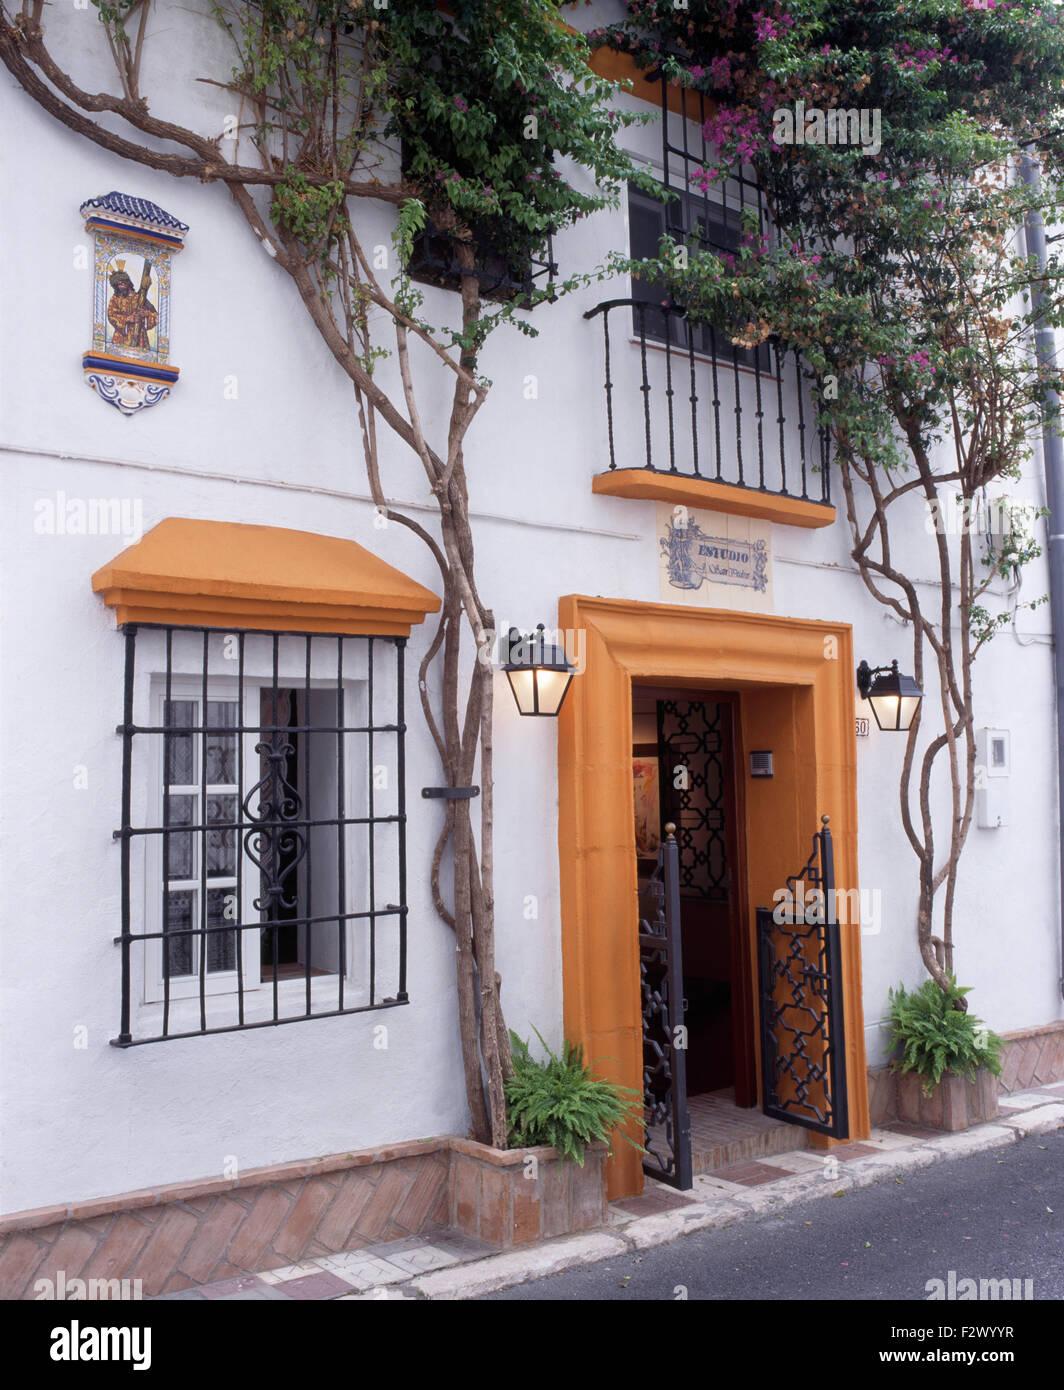 Ext rieur de la villa espagnole avec fer forg les grilles de s curit sur les fen tres et for Les portes de fer forge